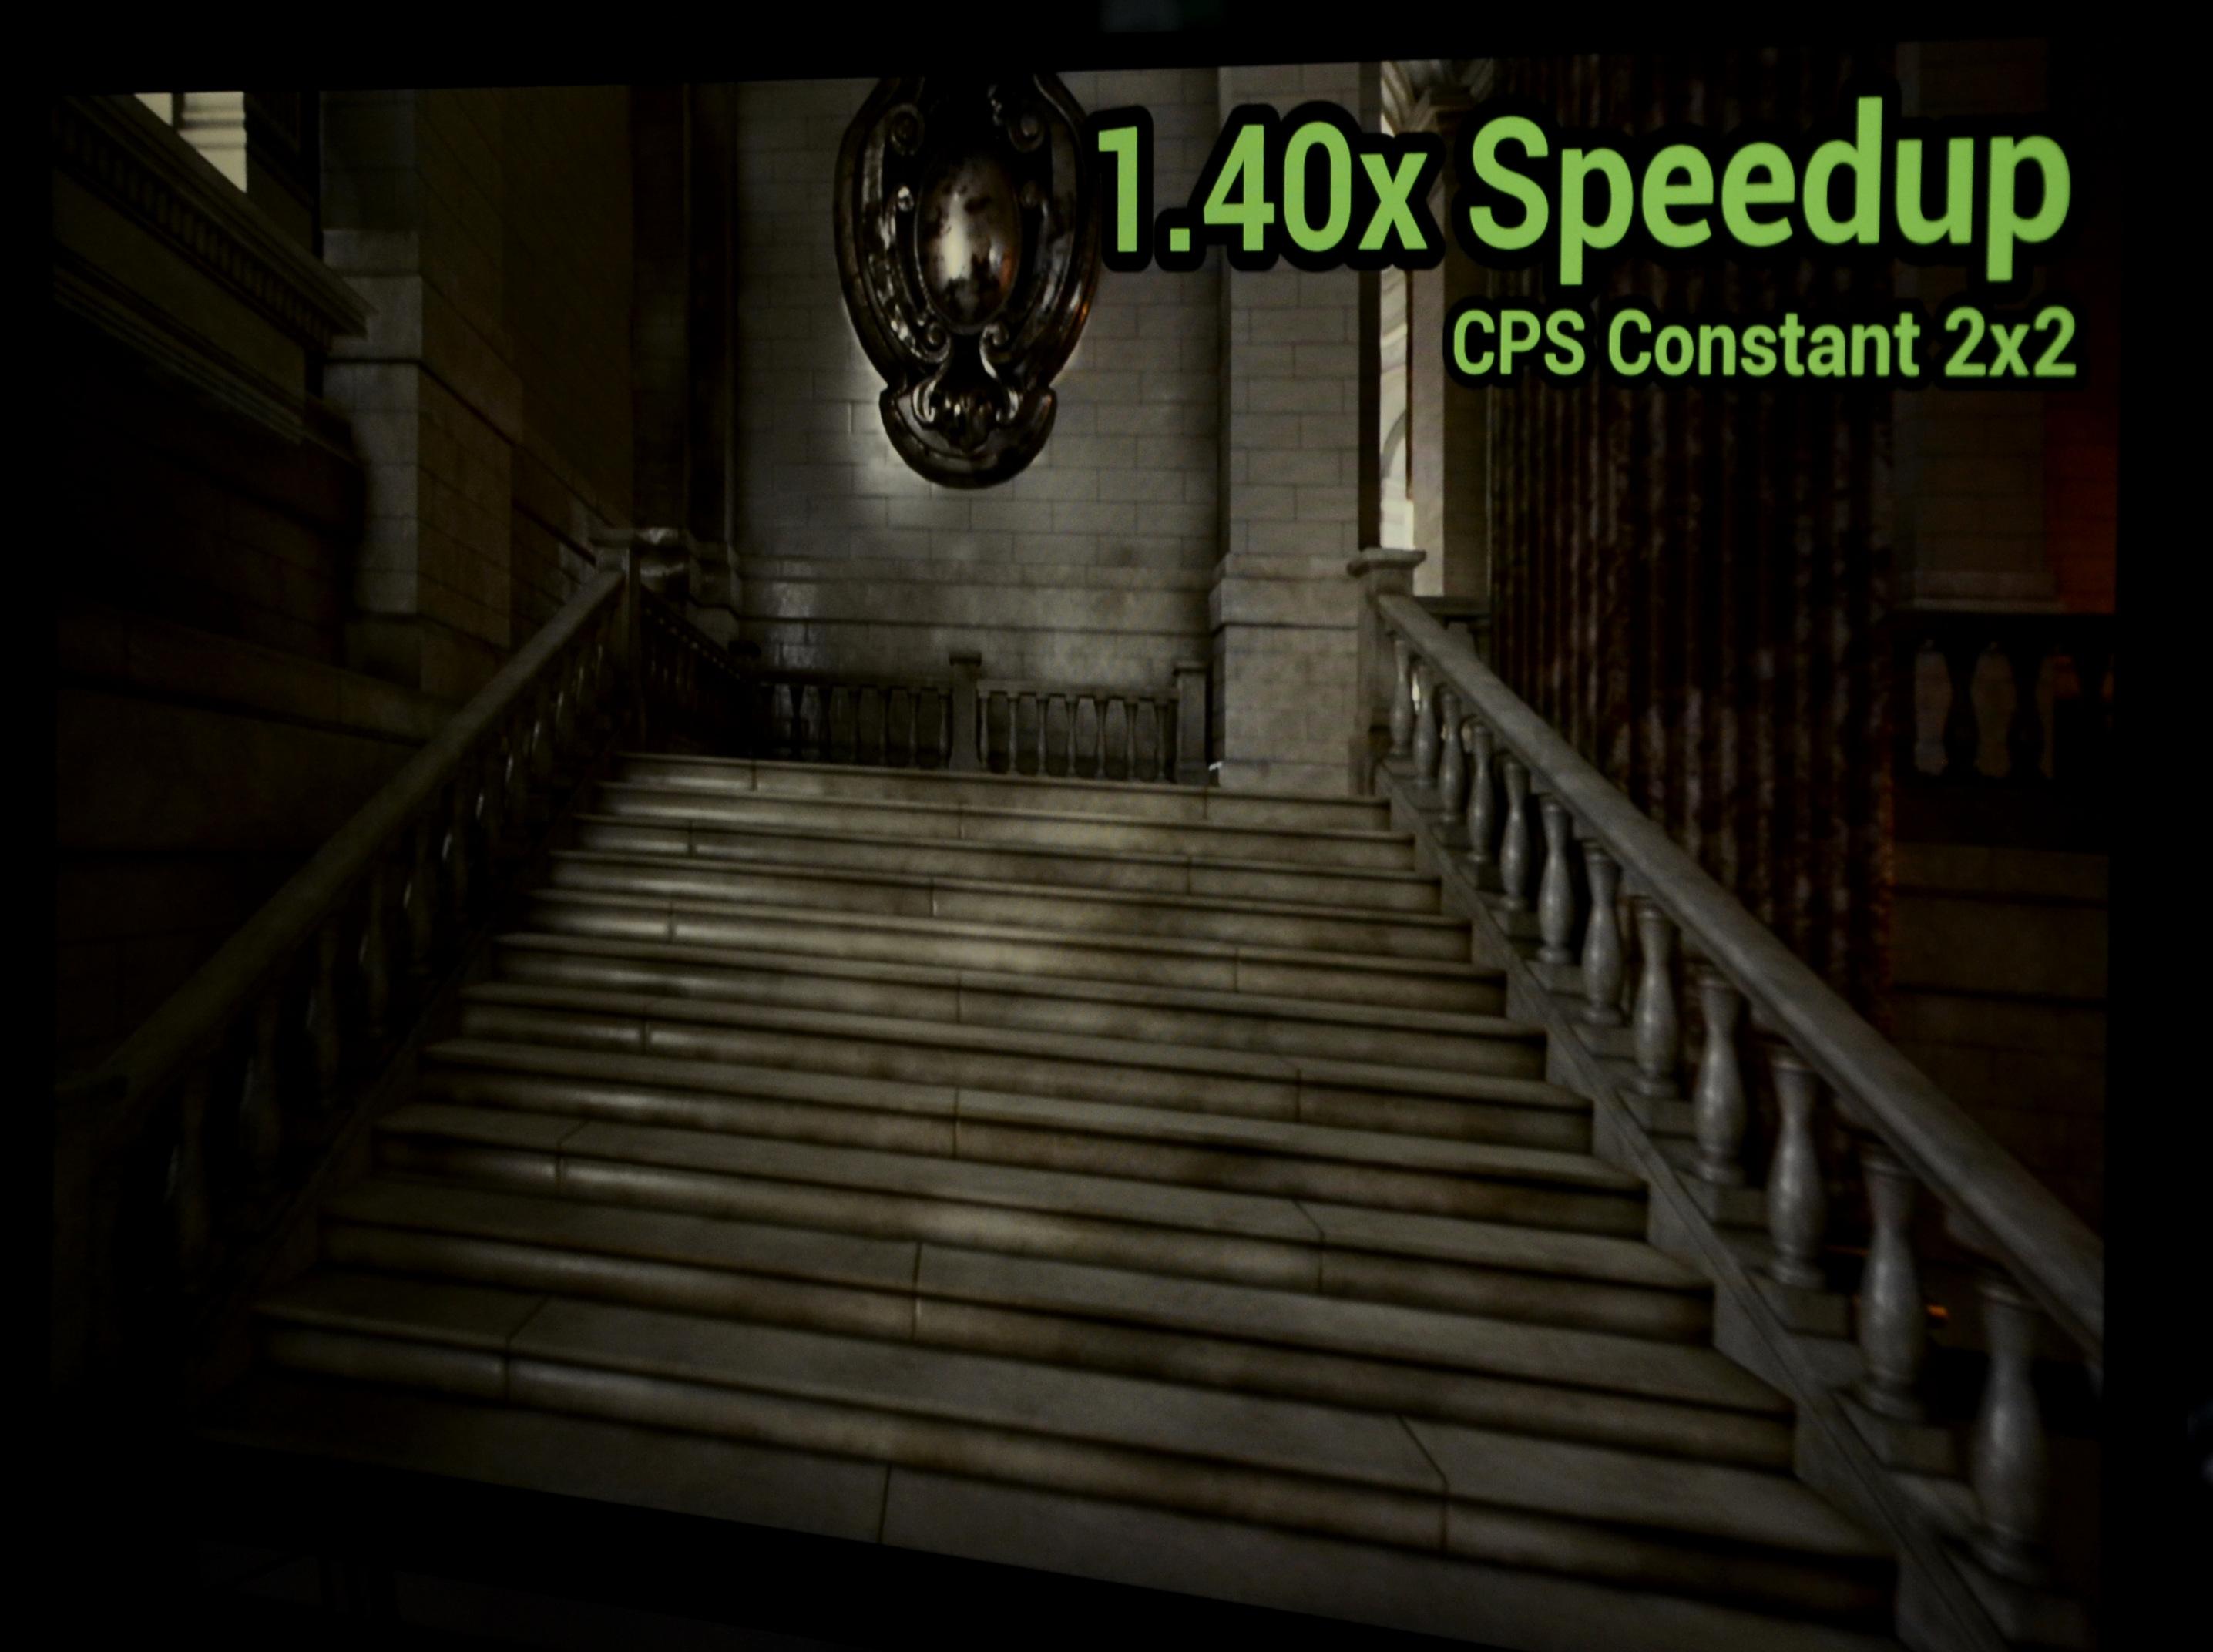 Ice Lake: Intels nächste GPU doppelt so schnell und auf Wunsch ungenau - Im Schnitt bringt die Unreal4-Demo mit CPS 40 Prozent mehr Tempo. (Bild: Nico Ernst)